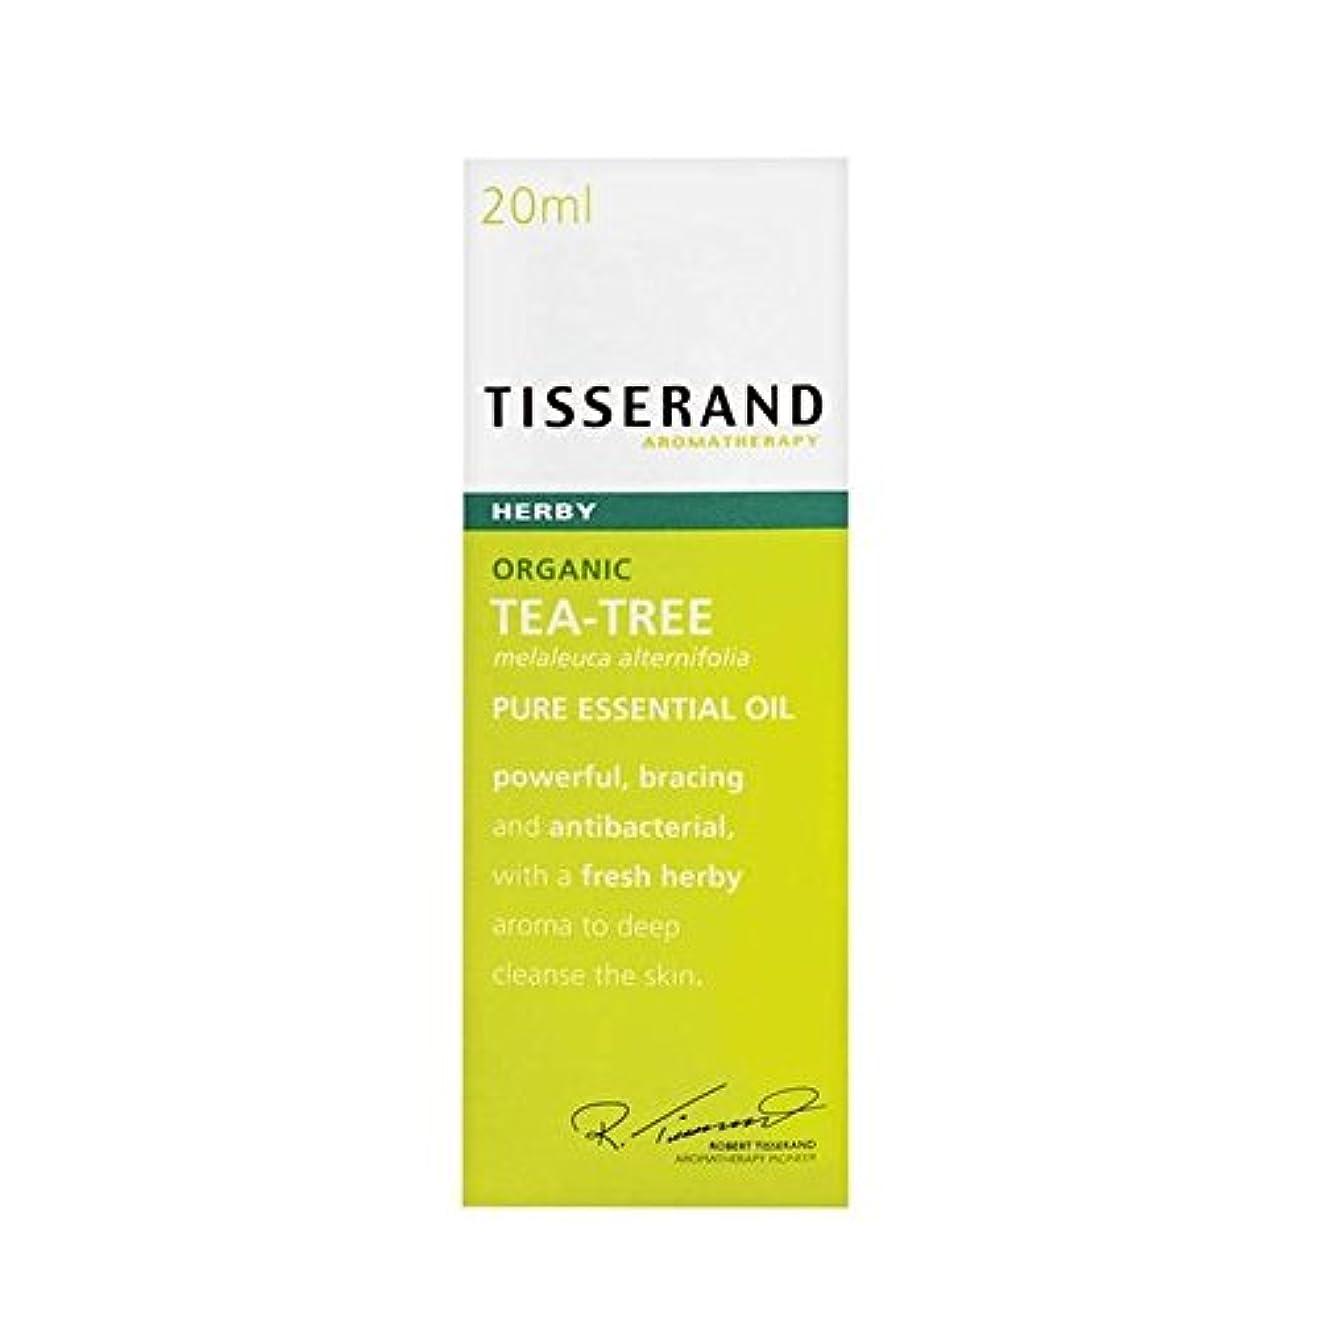 バタフライお金ゴム中断Tisserand Tea Tree Organic Pure Essential Oil 20ml - ティスランドティーツリーオーガニックピュアエッセンシャルオイル20ミリリットル [並行輸入品]